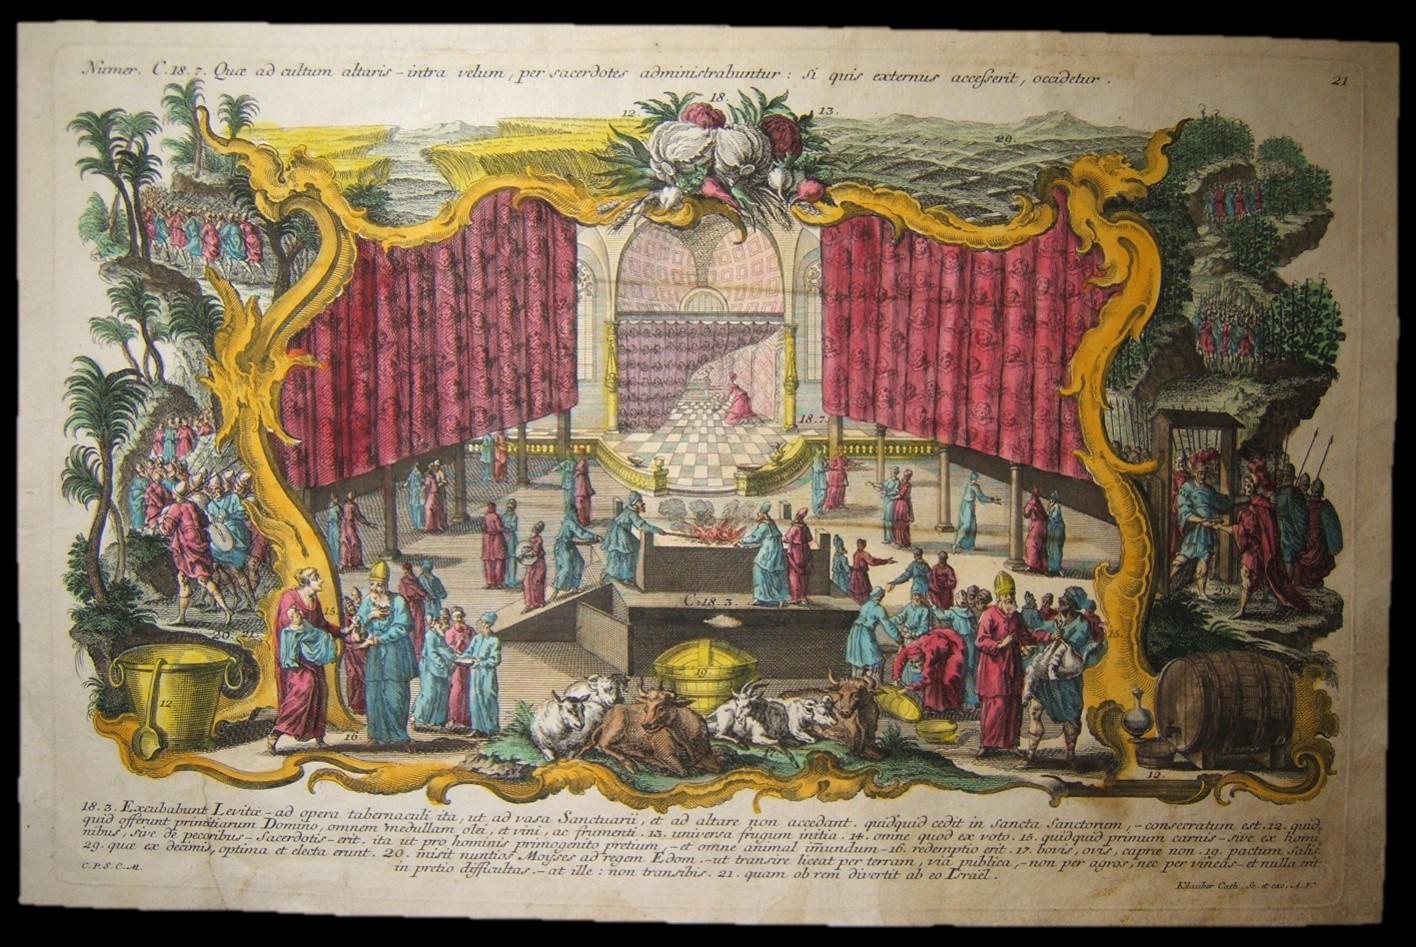 המאה ה -18 צבע נחושת תחריט של הלווים במשכן על ידי האחים קלאובר